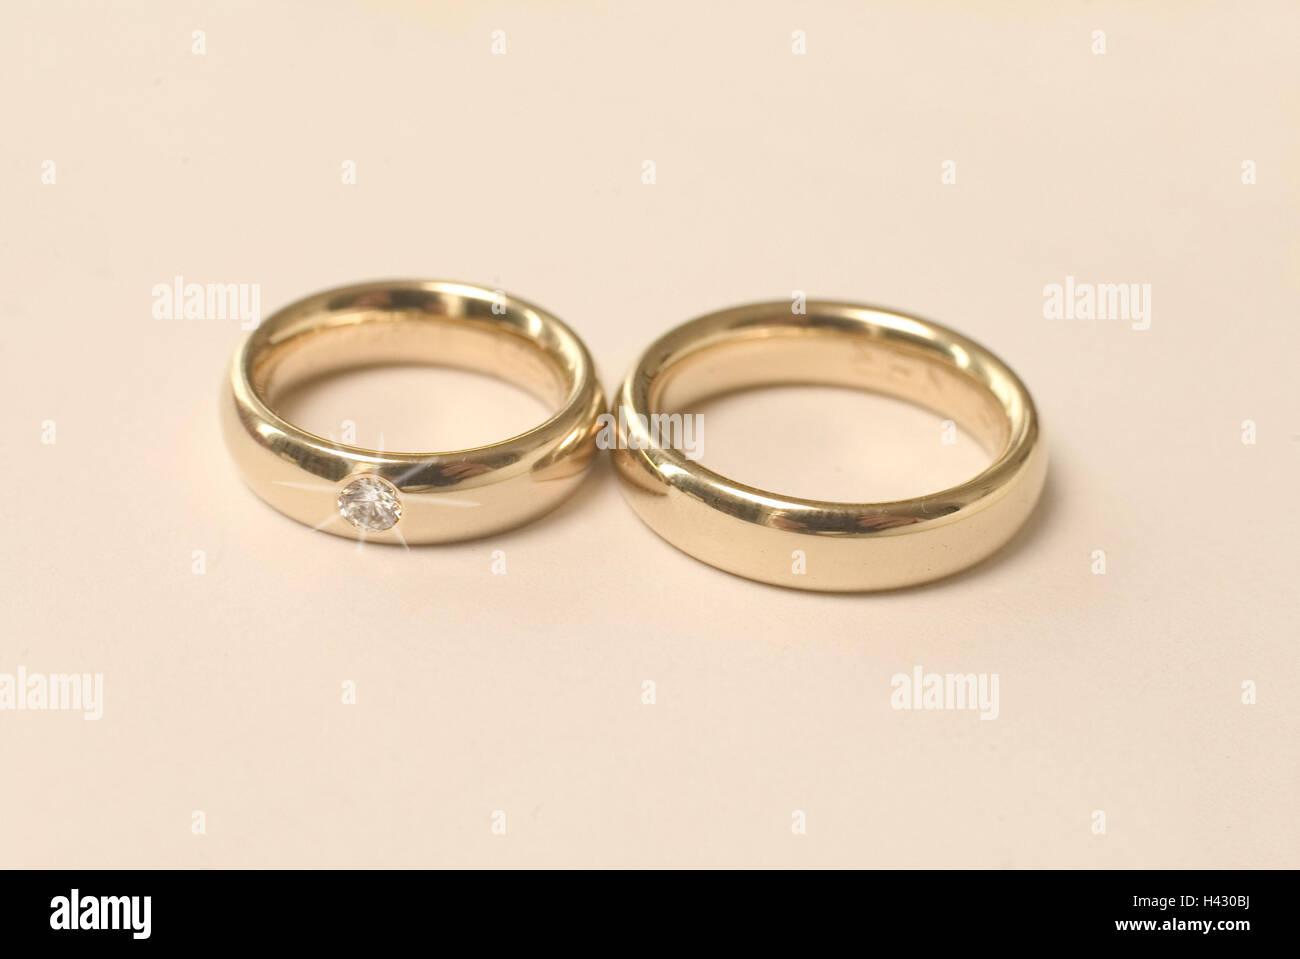 Bald Ringe Inge Ringe Hochzeit Gold Golden Goldene Ringe